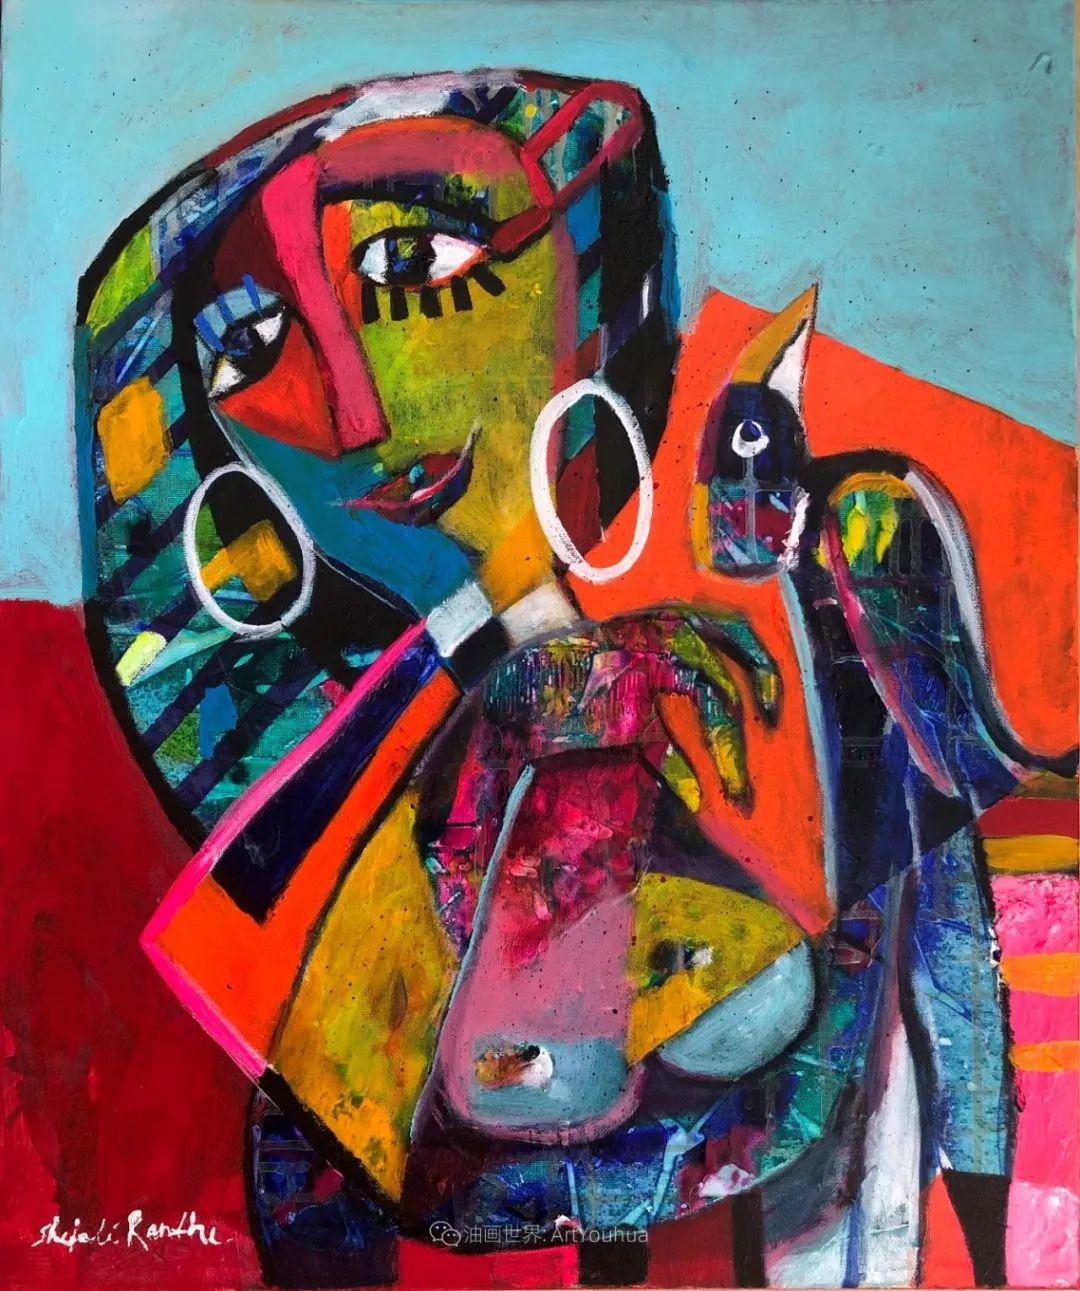 她的艺术是丰富多彩的,孟加拉国艺术家谢法利·兰特插图3